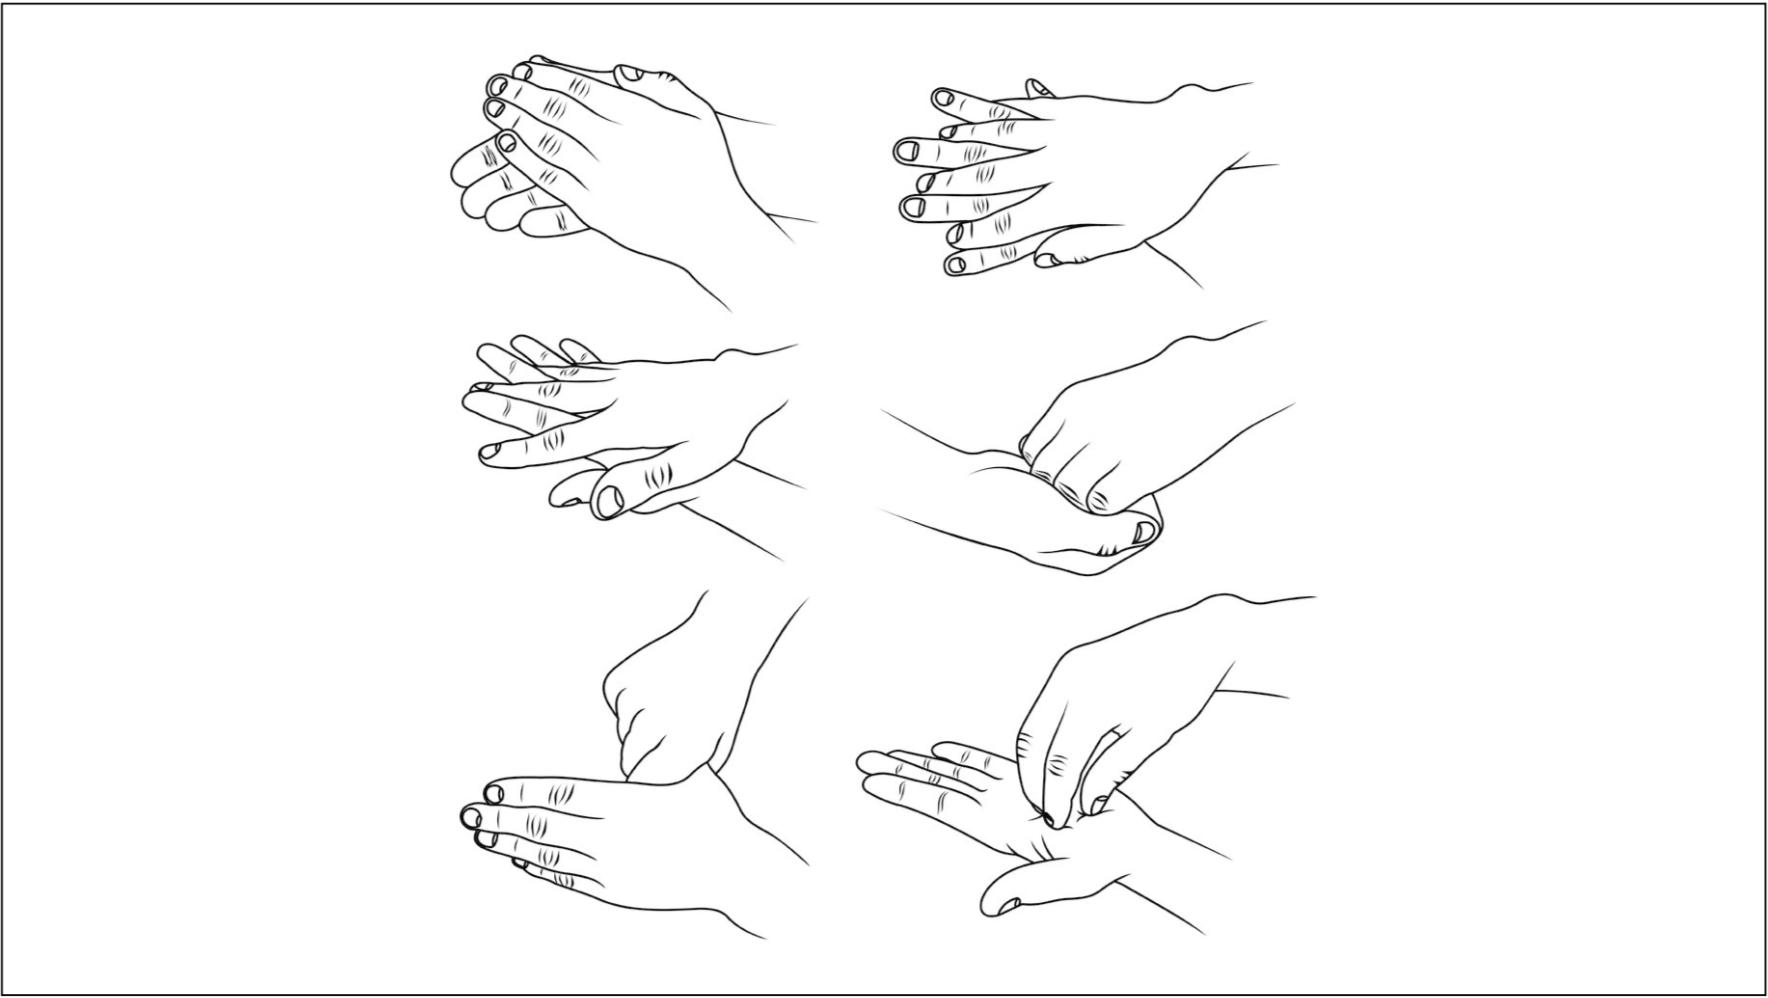 Hygieneplan - Händedesinfektionsplan